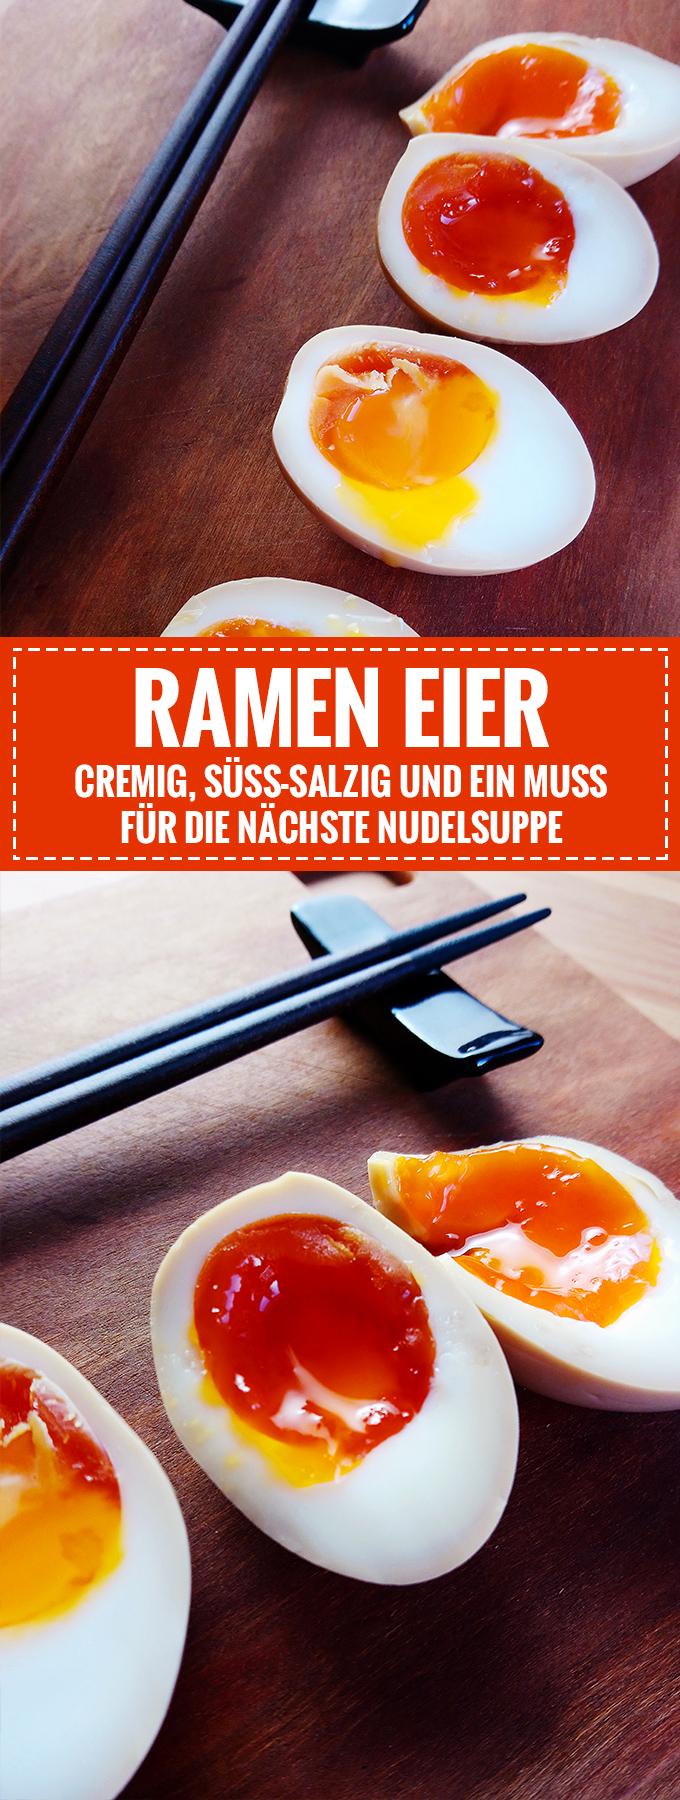 Cremig, süß-salzige Ramen-Eier // Perfekt für die nächste Instant Nudelsuppe // Knabberkult.de